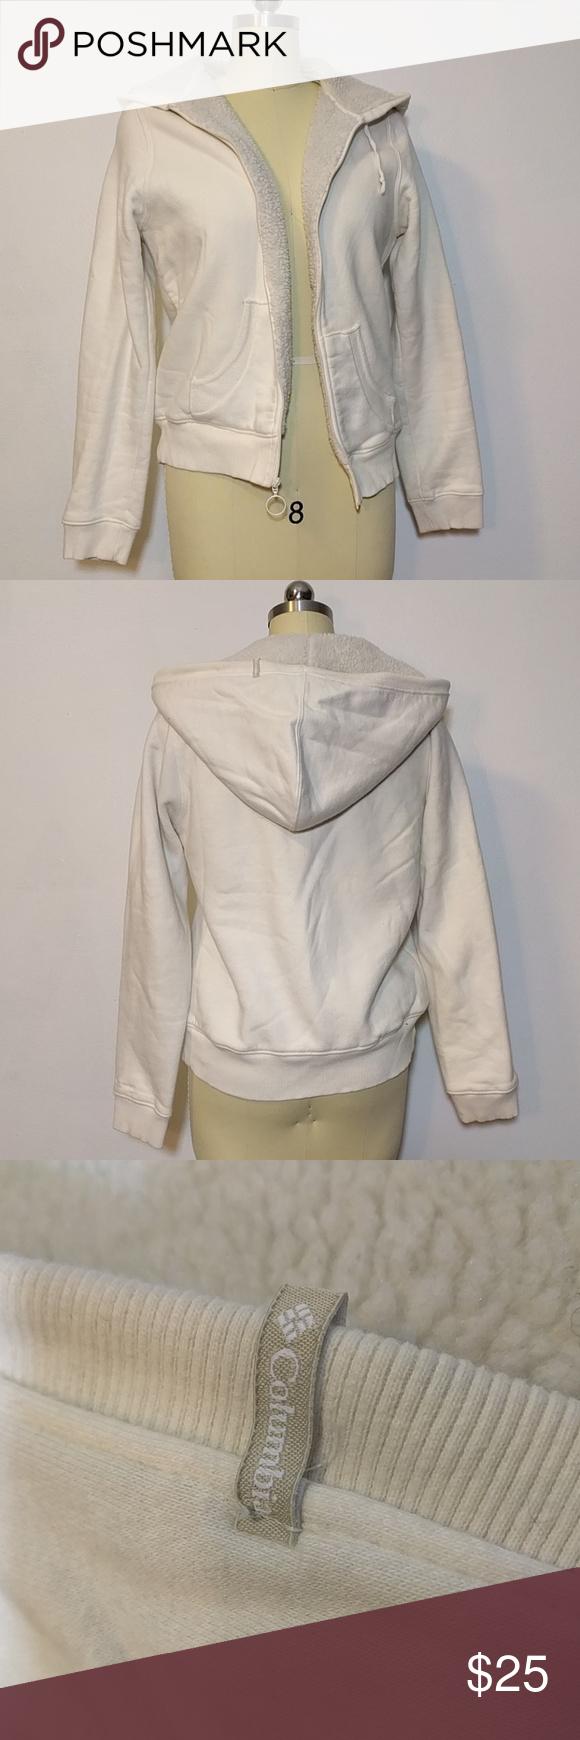 Cream hoodie columbia jacket sherpa fleece lining broad shoulders